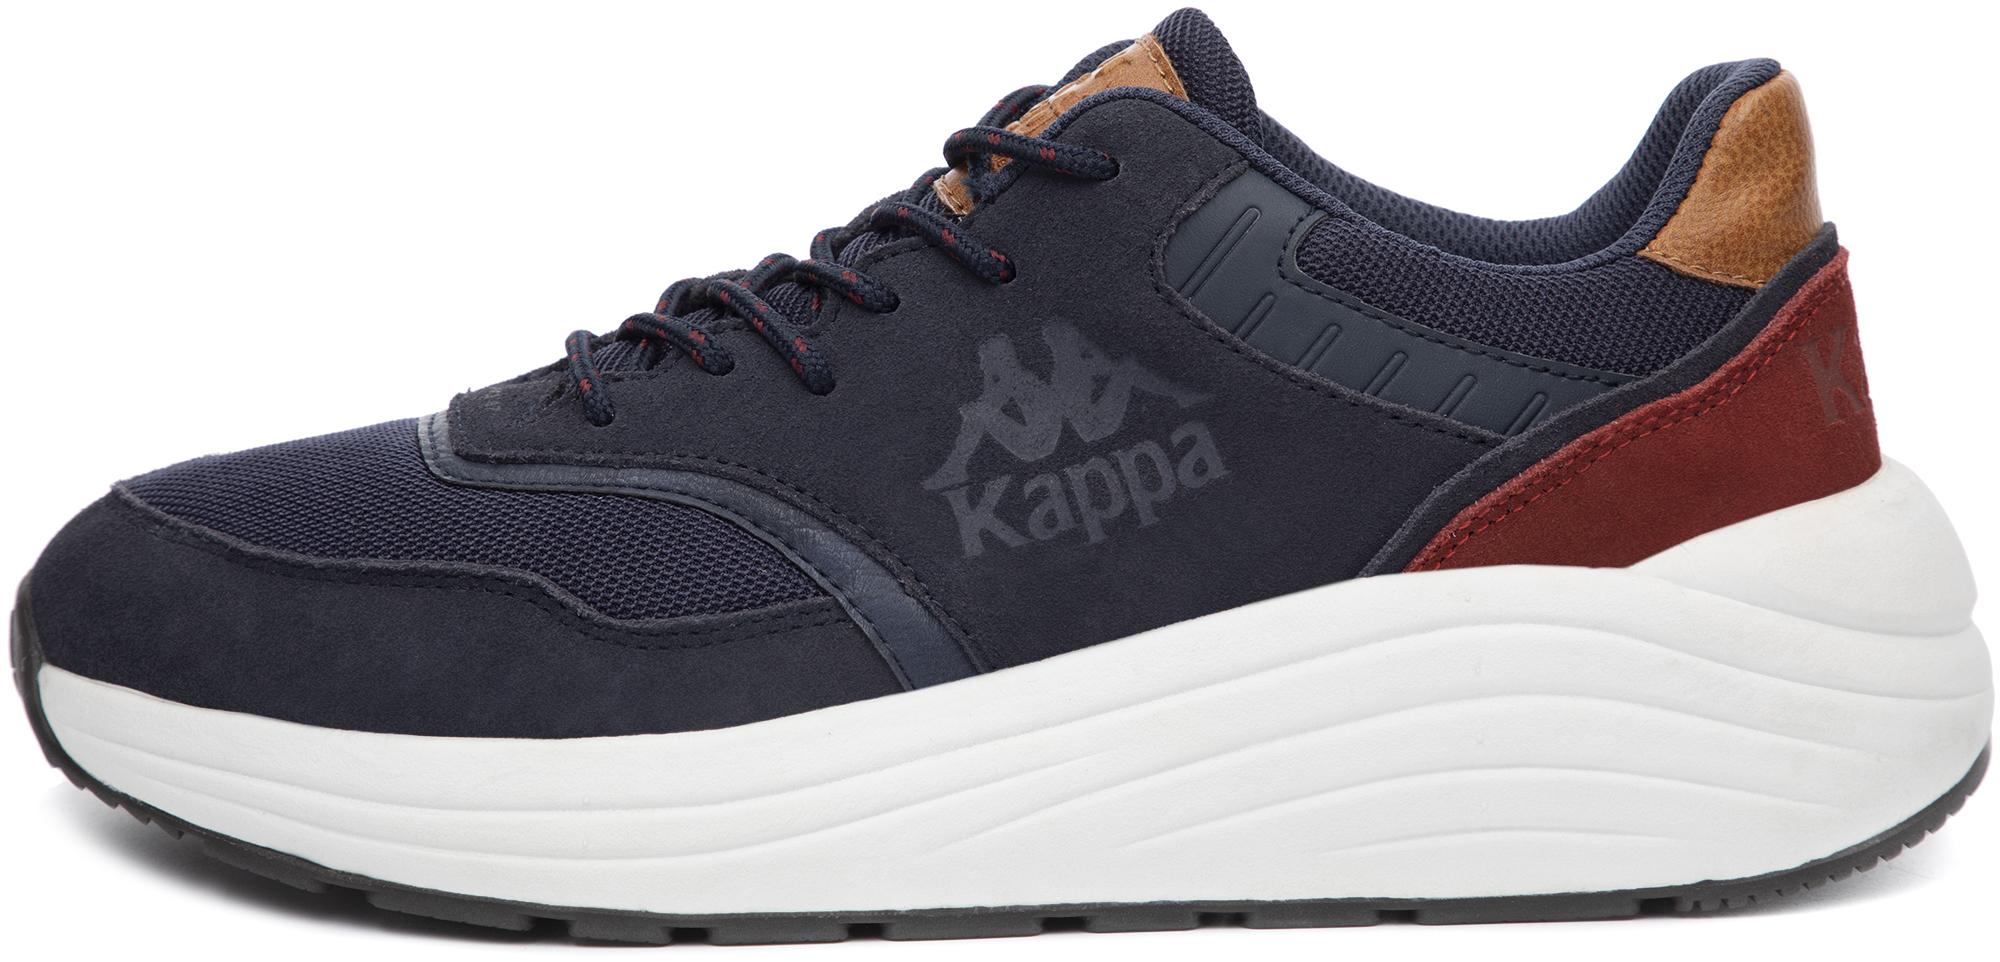 кроссовки мужские kappa alfa m цвет бордовый 304q5y0 906 размер 44 43 Kappa Кроссовки мужские Kappa Neoclassic 2.0, размер 45